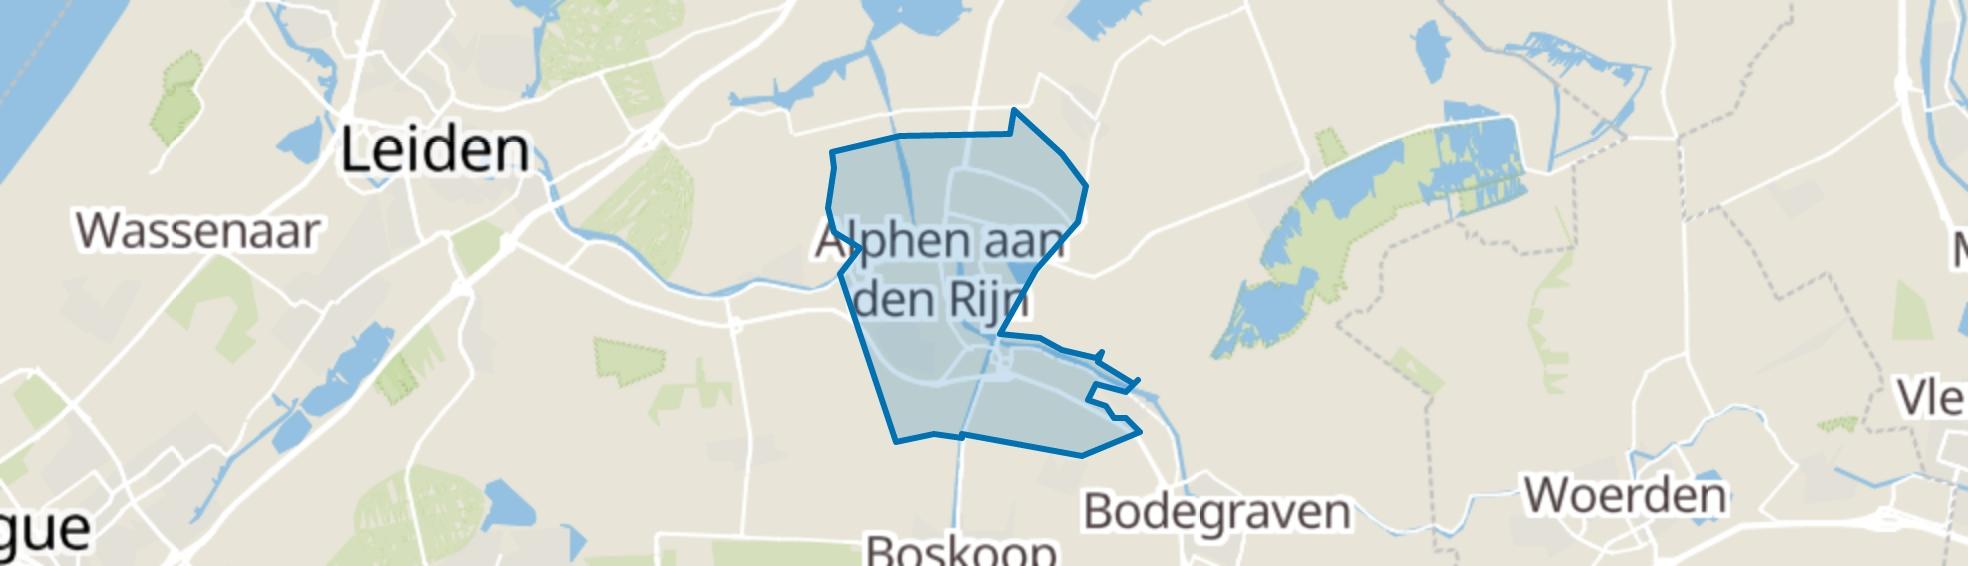 Alphen aan den Rijn map